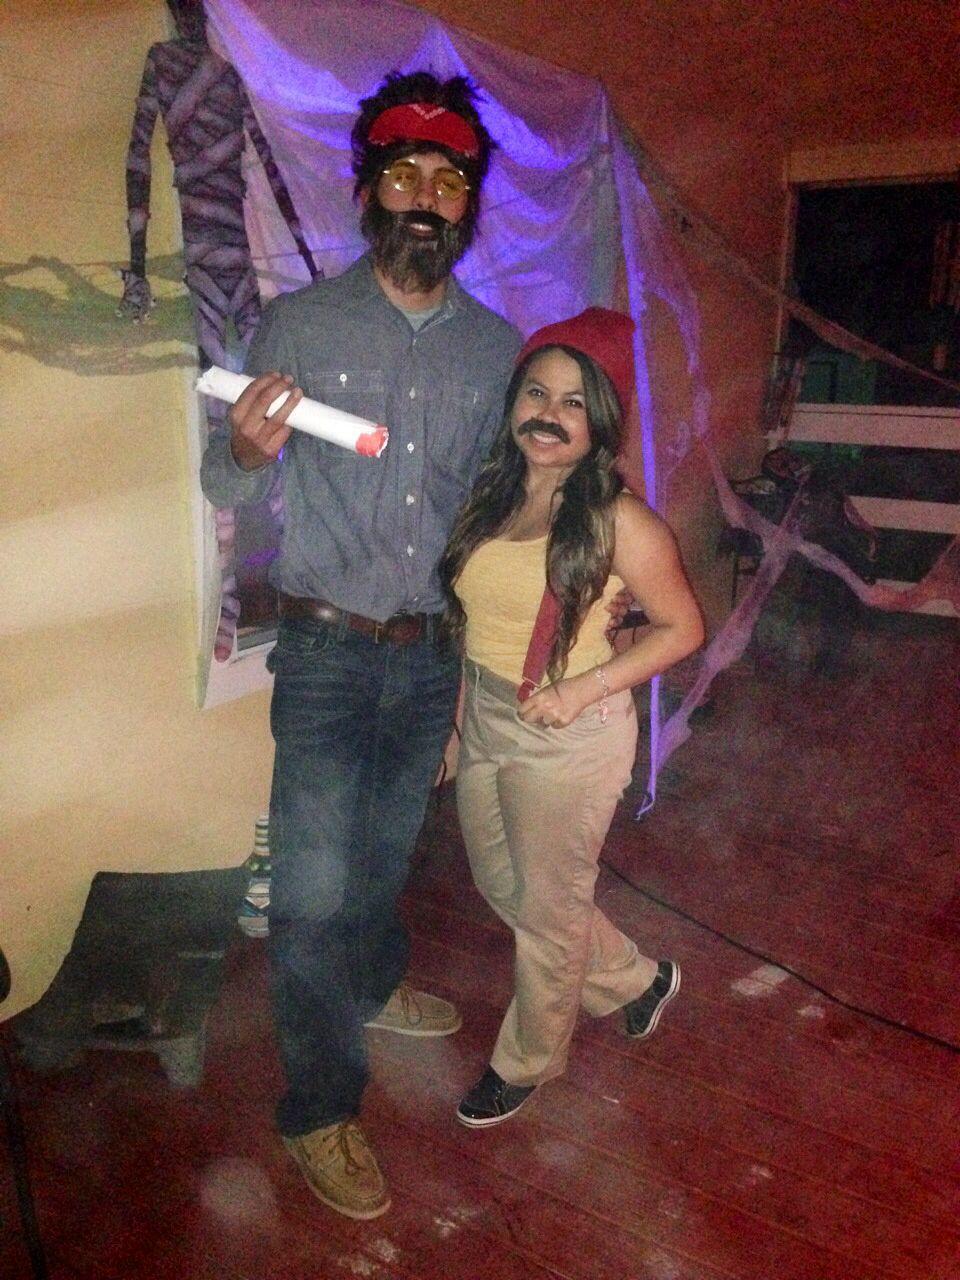 Cheech and Chong #halloween #DIY #couple | Halloscreammmmmm ...